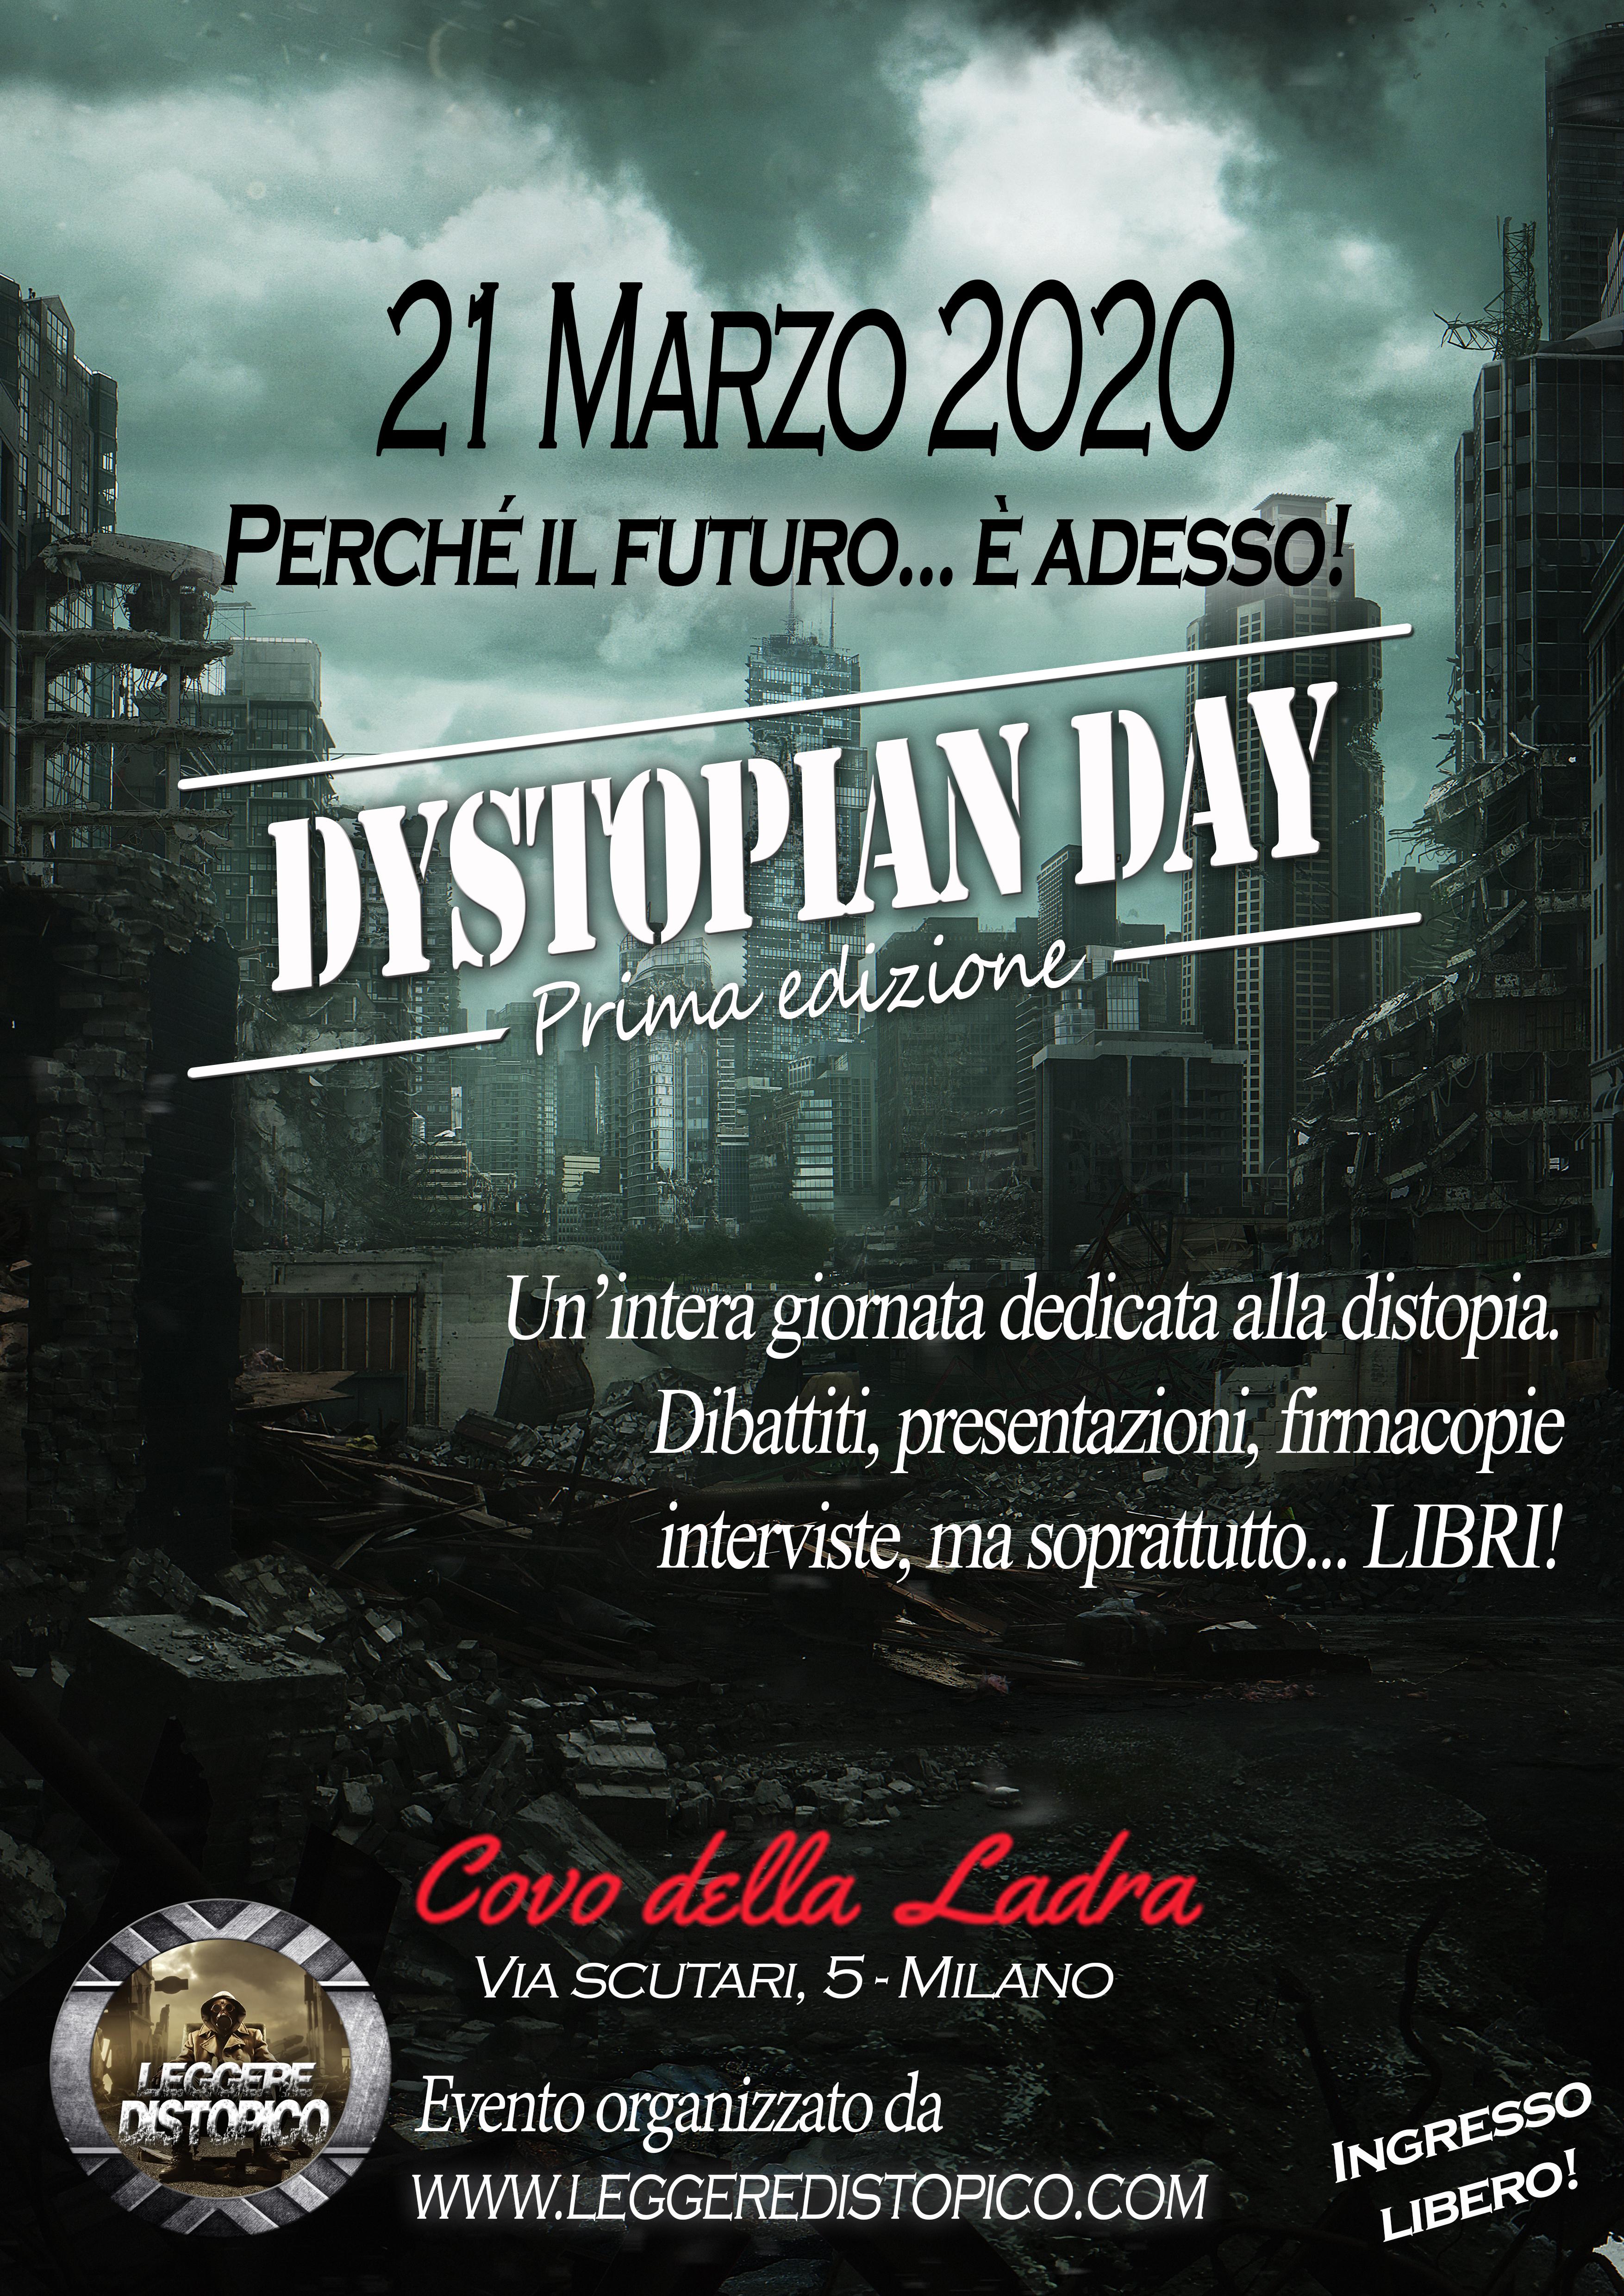 Qualcuno ha detto… Dystopian Day?